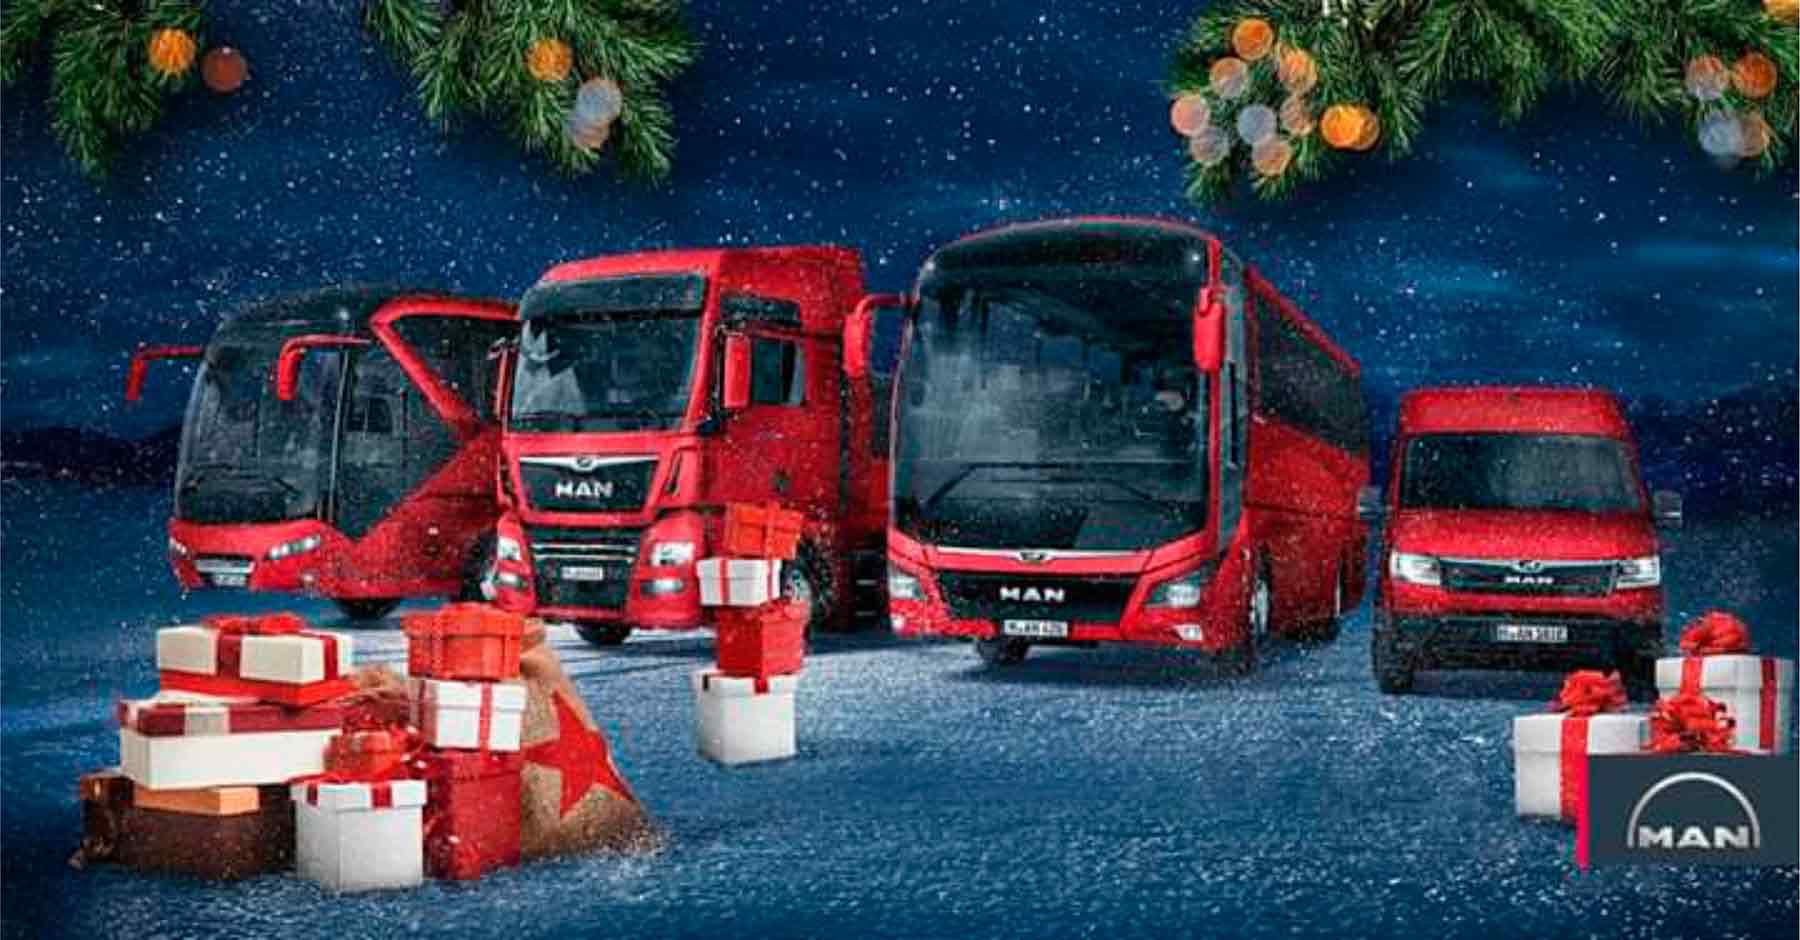 С Новым годом и Рождеством! Режим работы в праздничные дни.